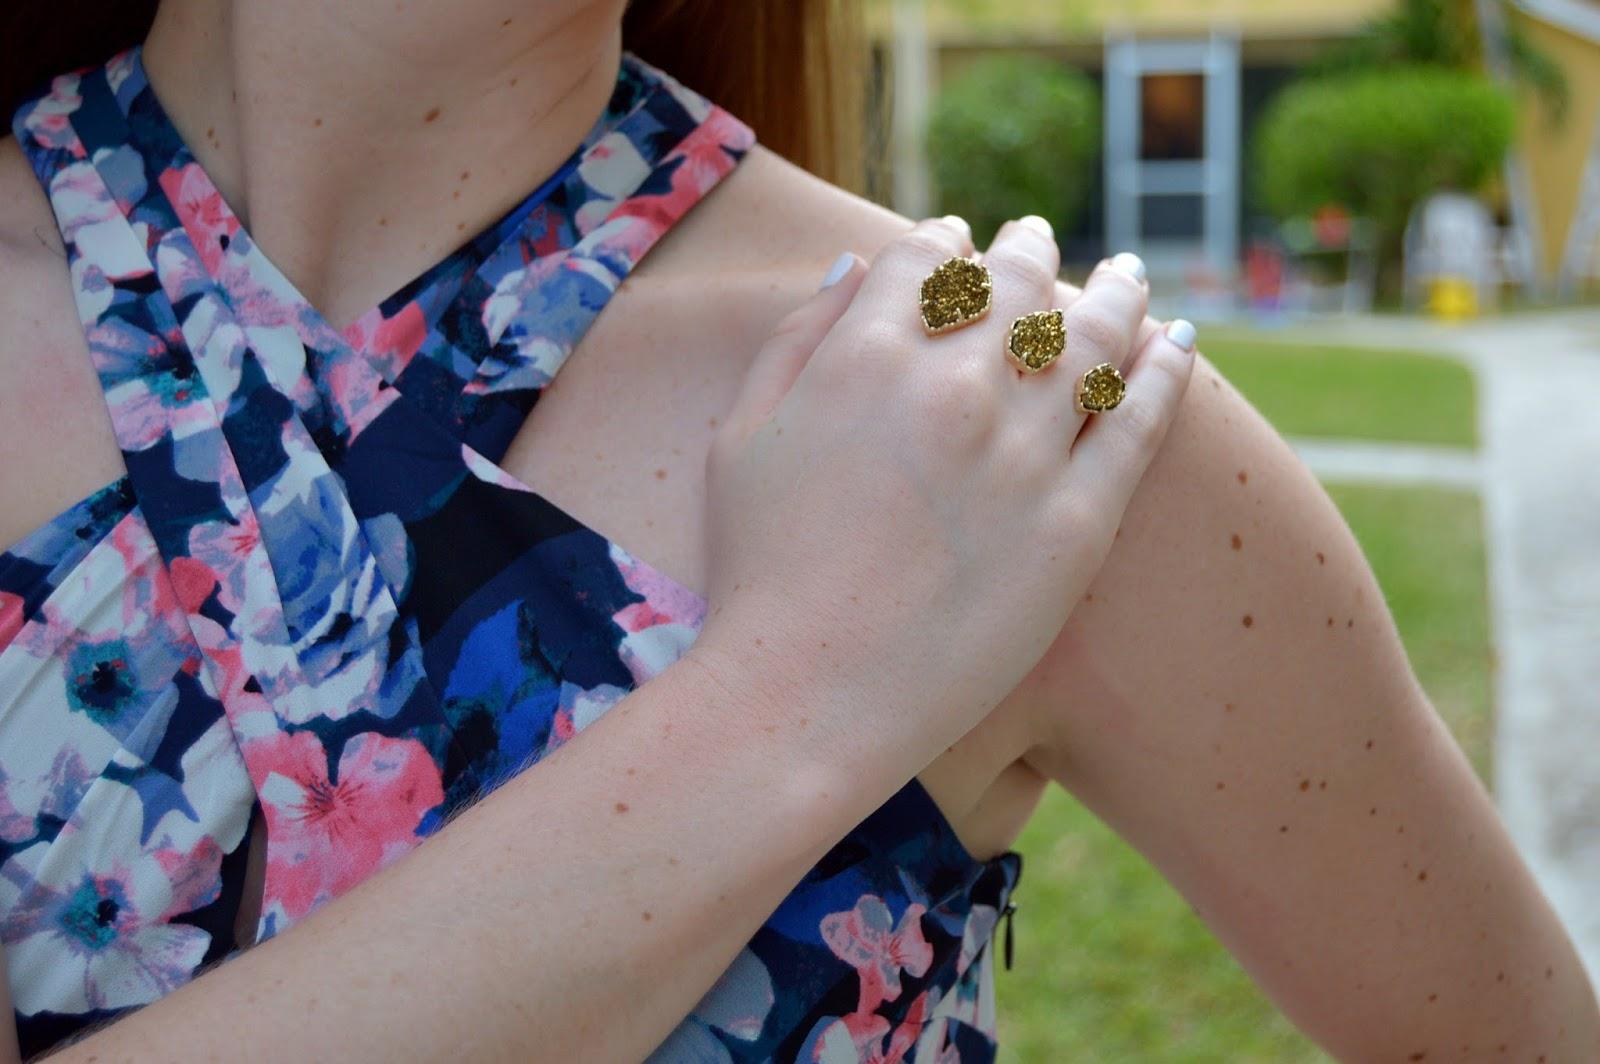 x halter neckline dress